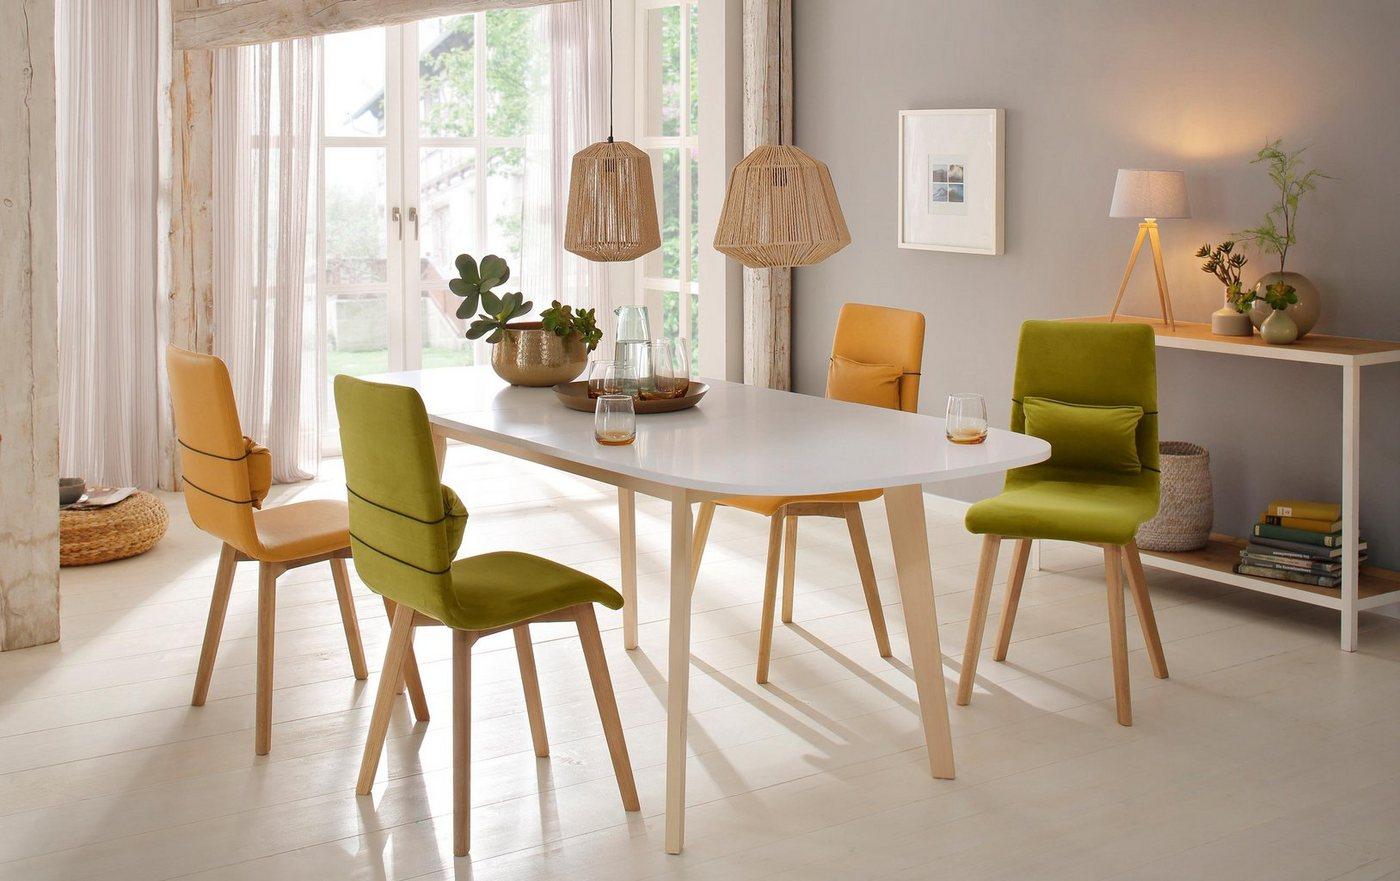 Home affaire Esstisch »Naiss« mit Auszugsfunktion und schönen Tischbeinen aus pflegeleichtem Echtholzfunier - Home affaire